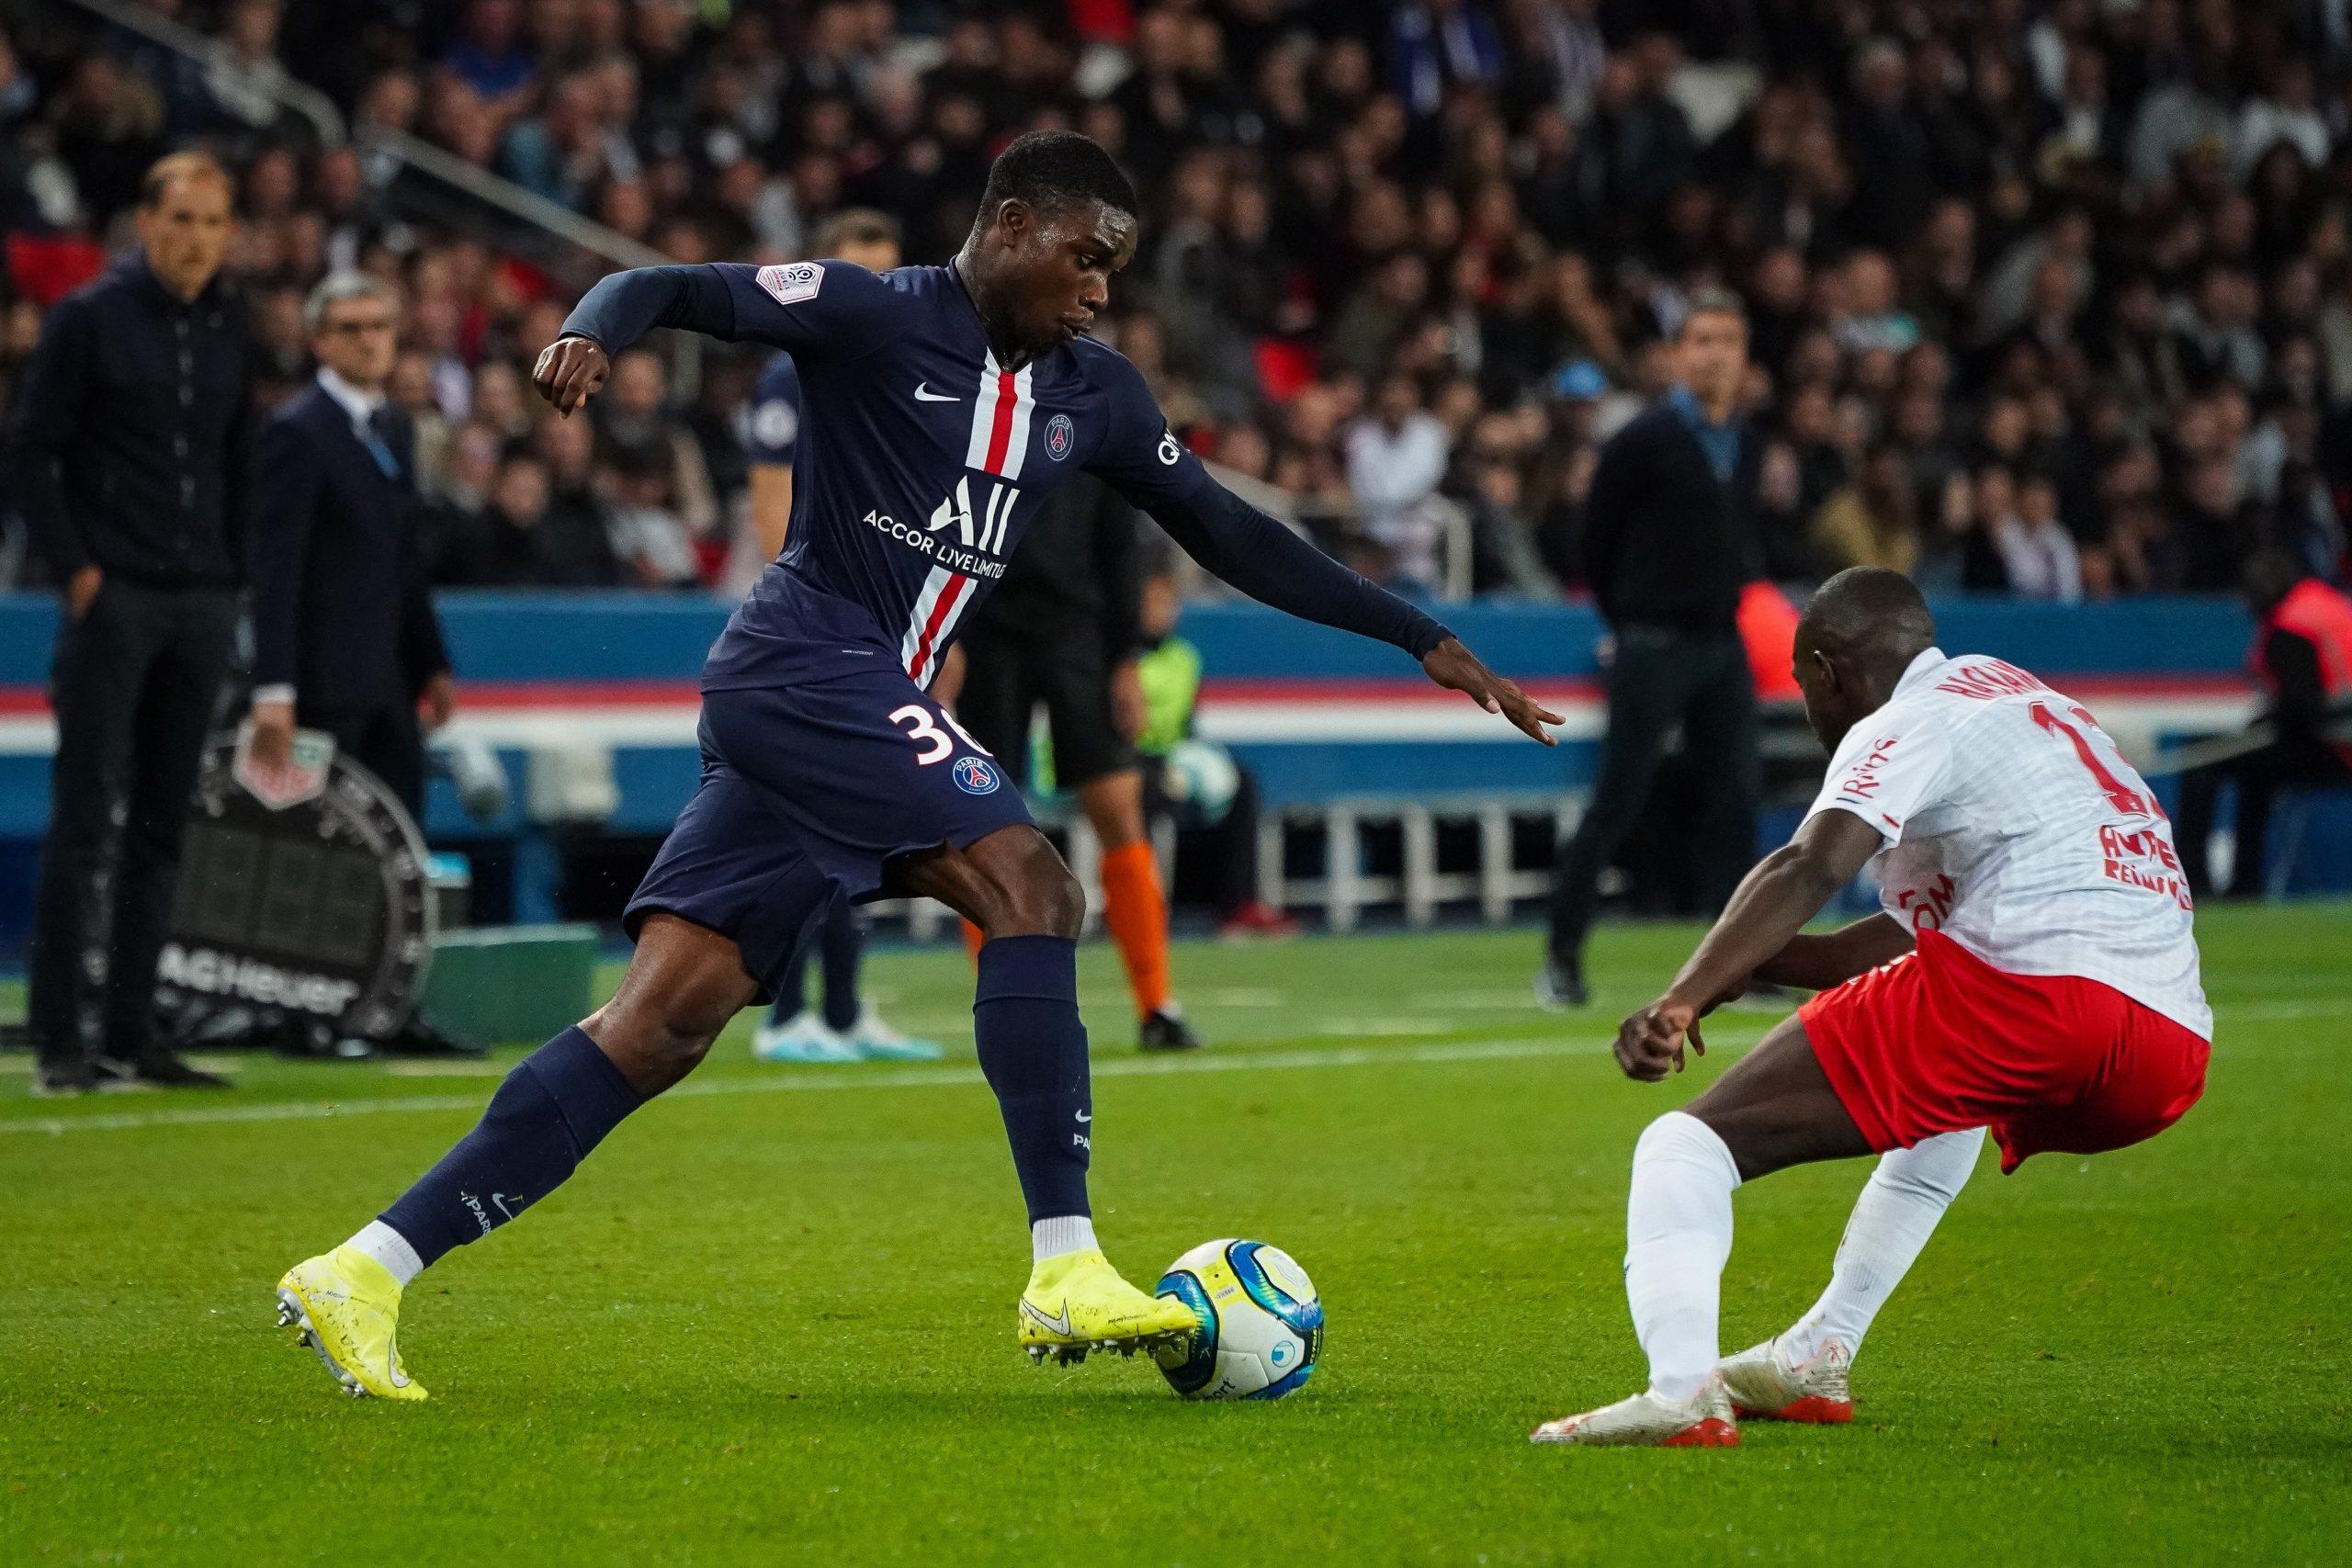 Mercato - Mbe Soh veut quitter le PSG et est ciblé par Nottingham Forrest, confirme Le Parisien